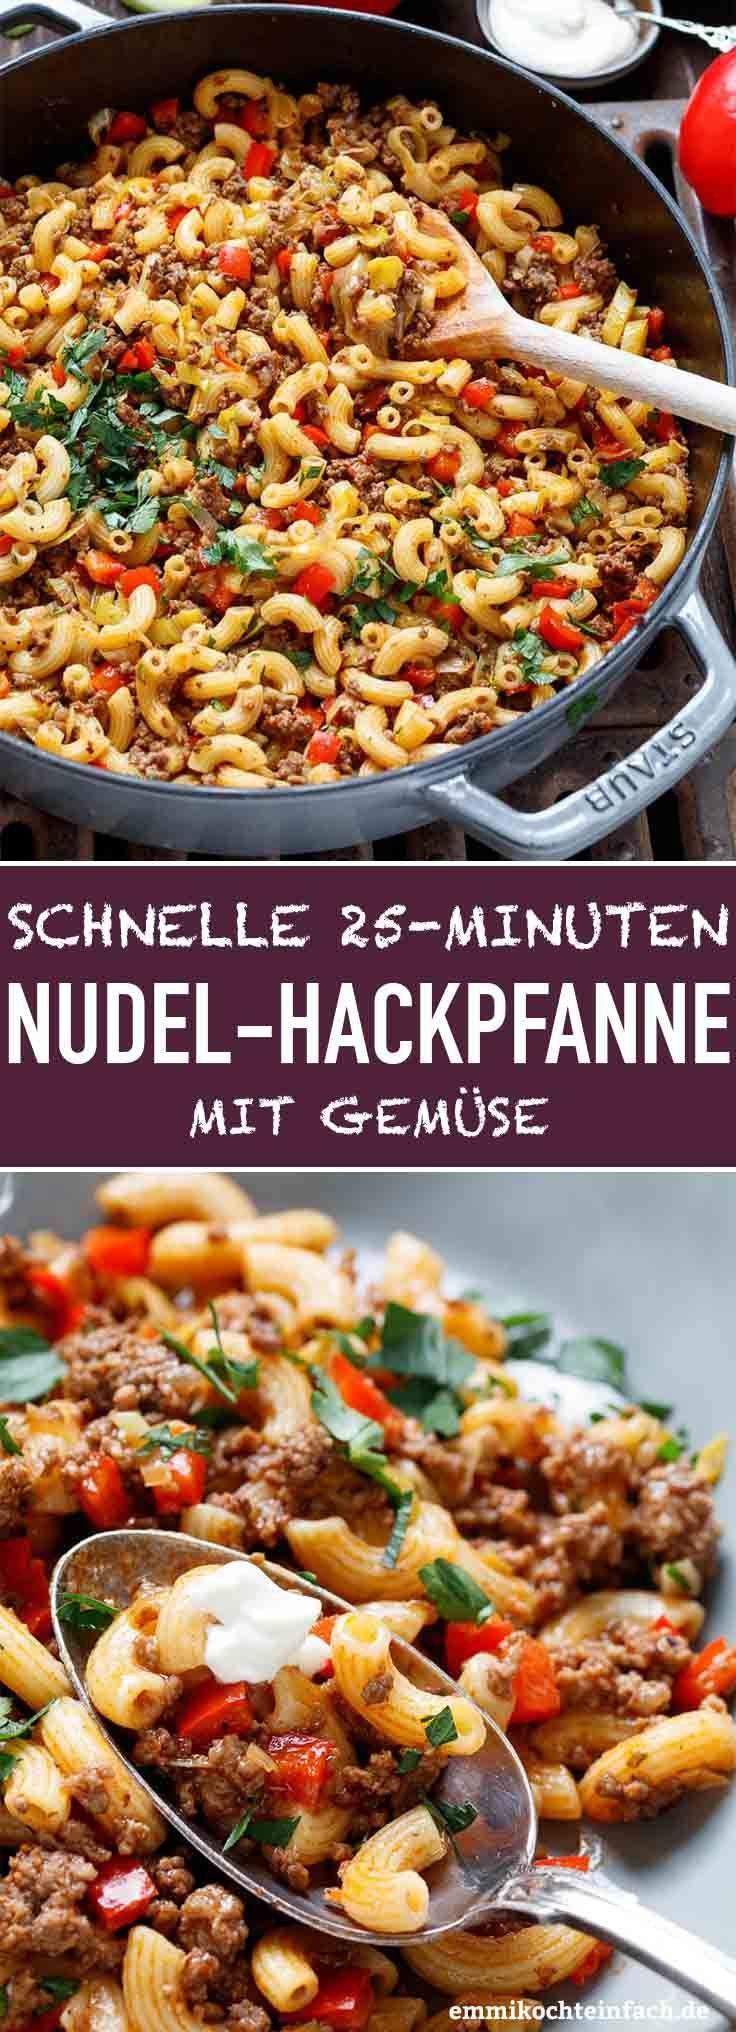 Schnelle Hackpfanne mit Hörnchennudeln und Gemüse #quickfitness